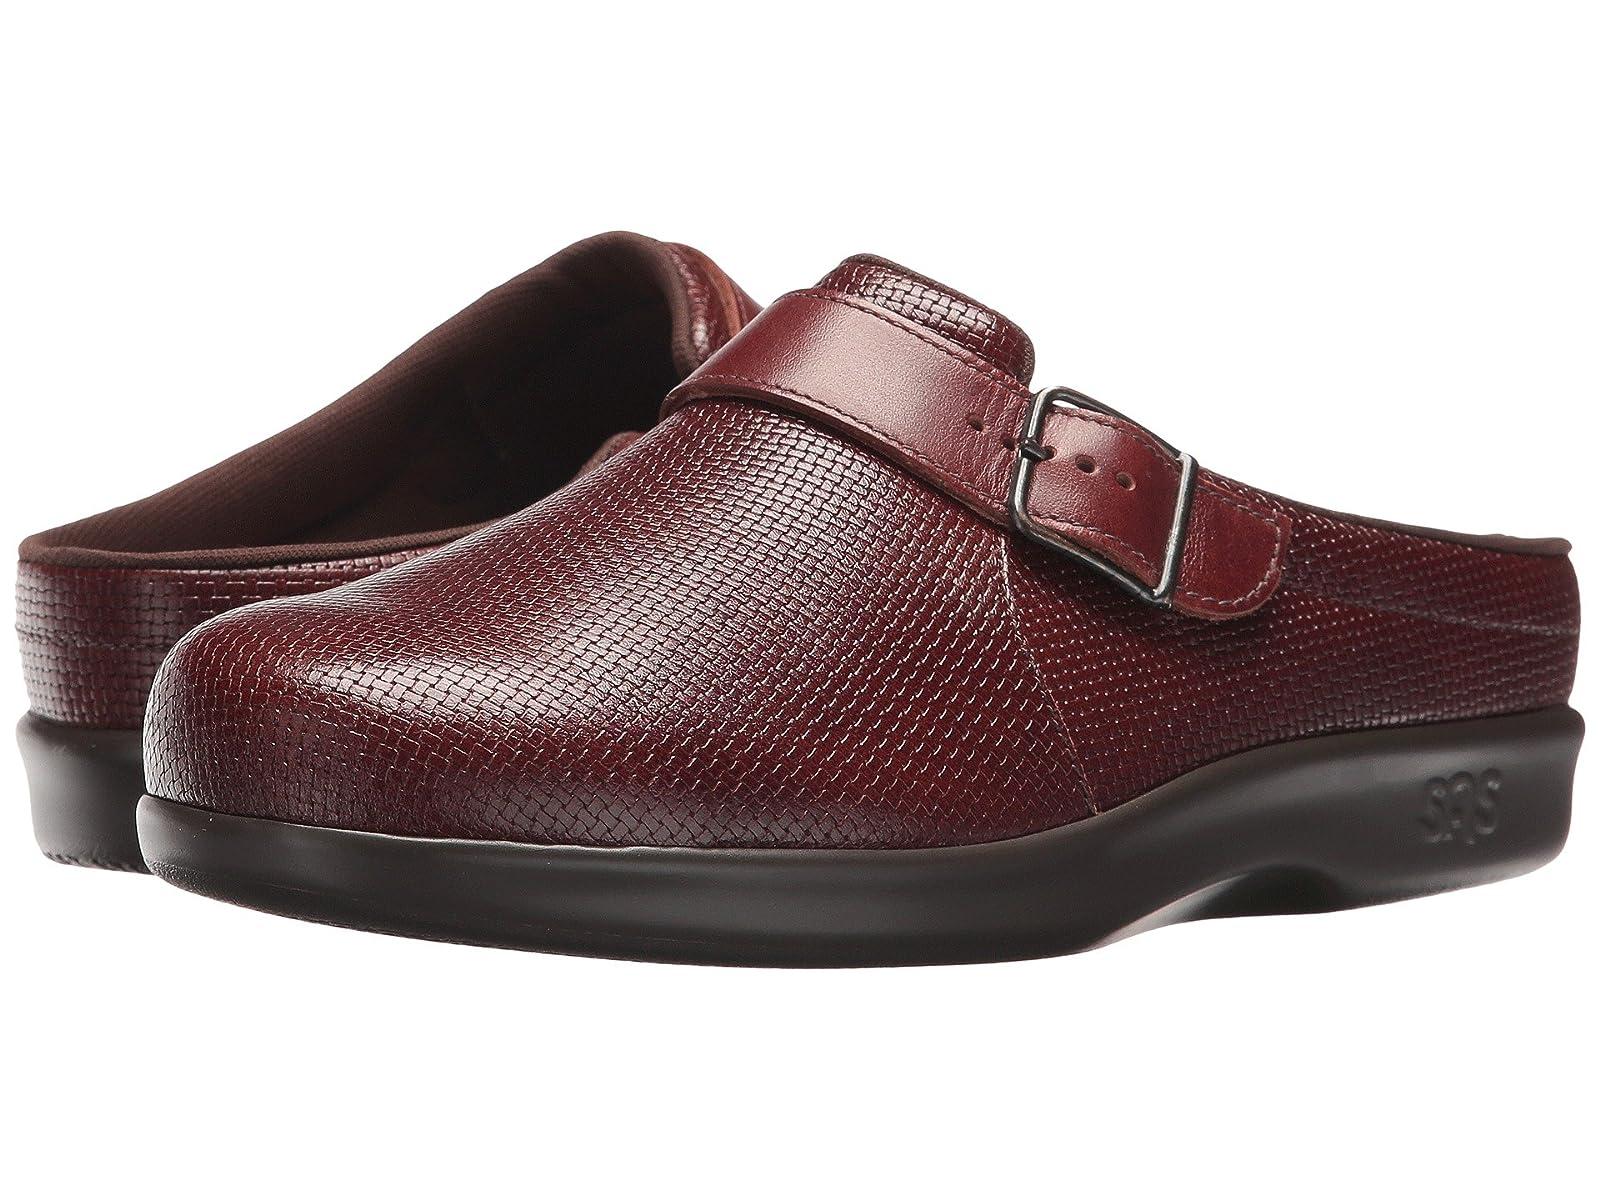 SAS ClogAtmospheric grades have affordable shoes